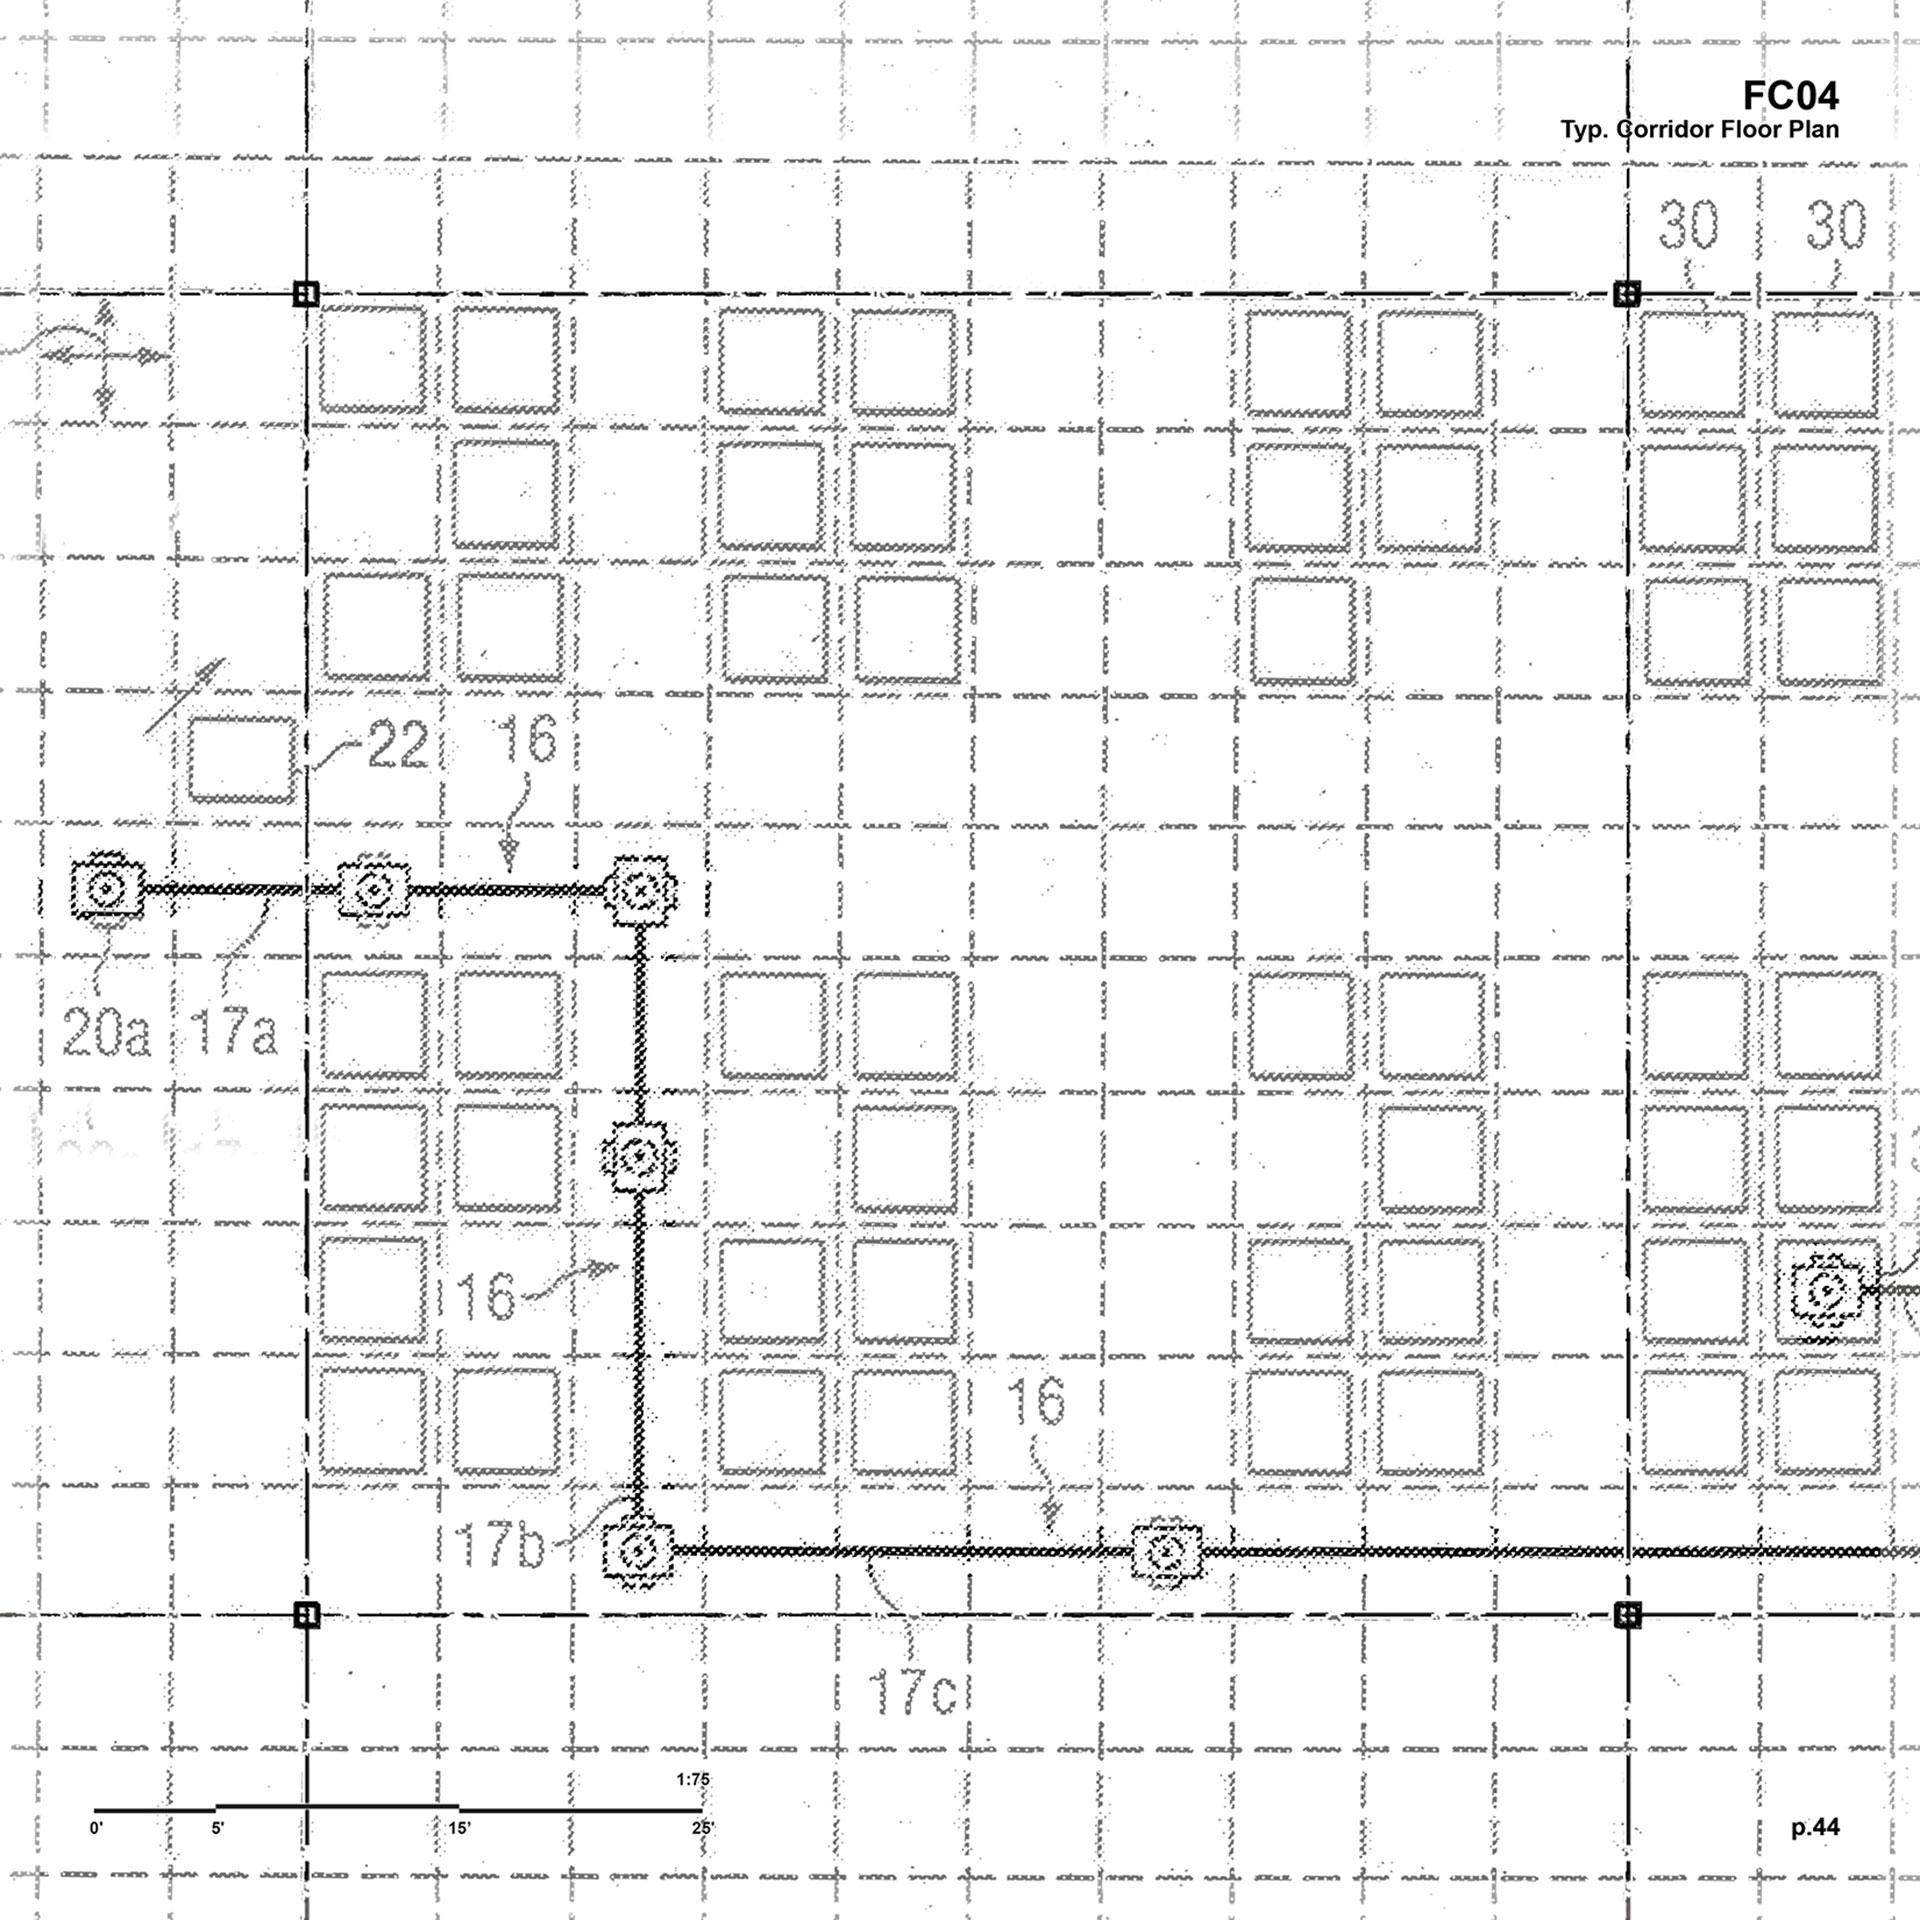 Typical Corridor Plan